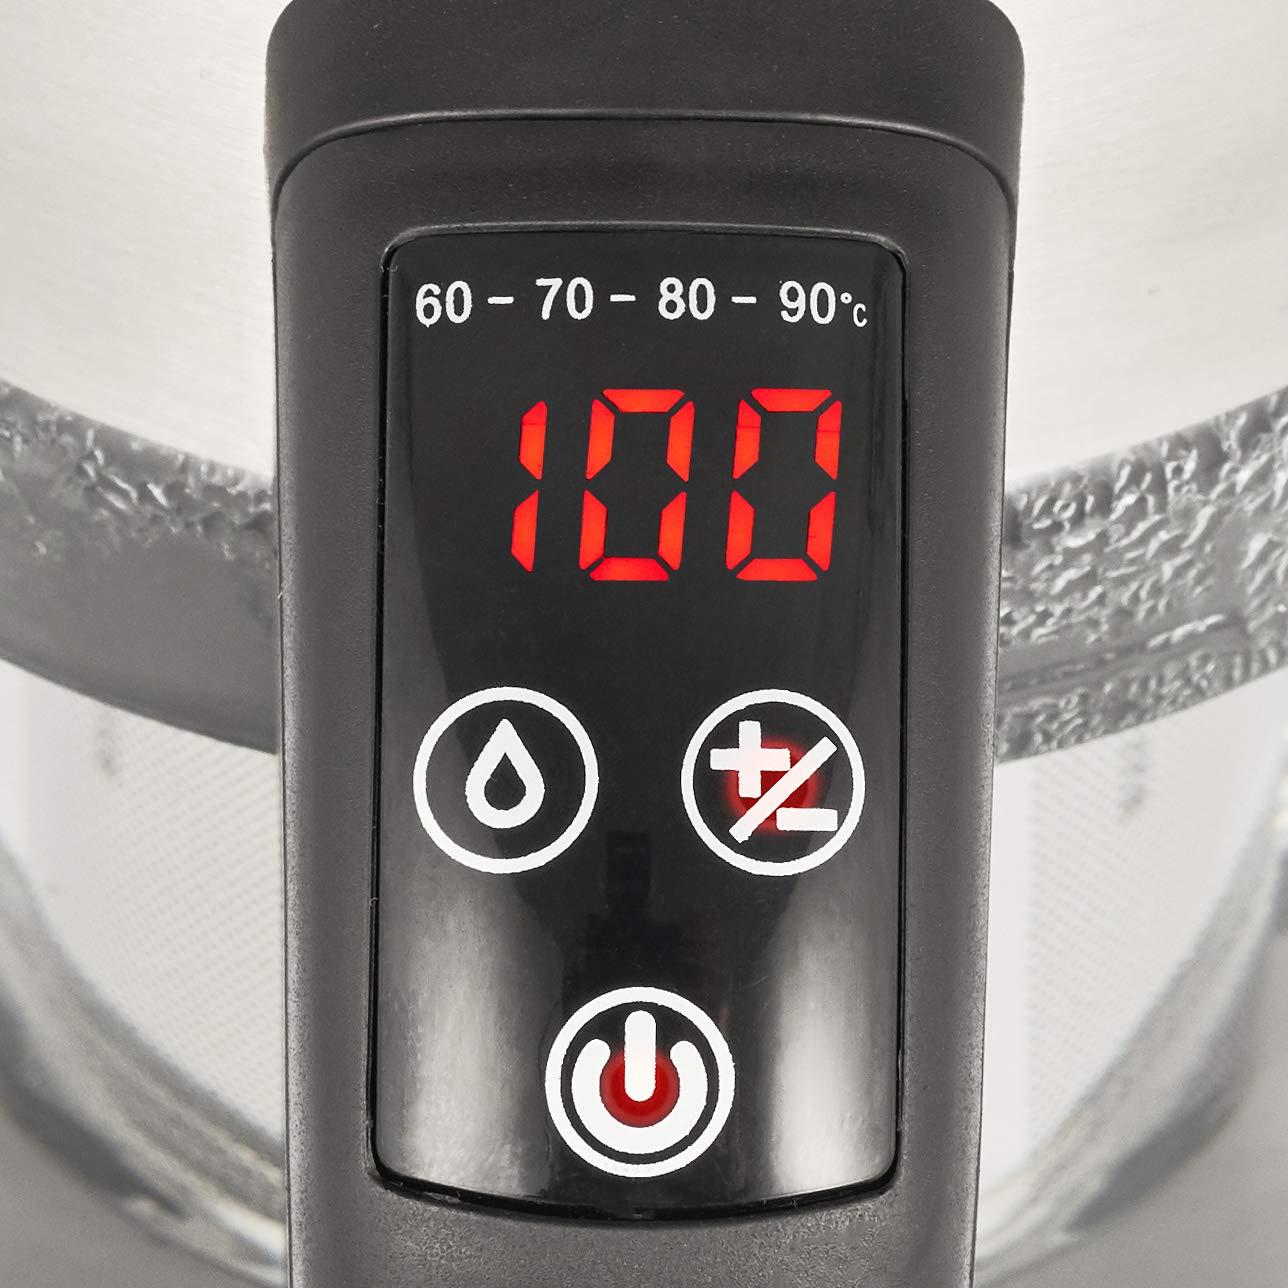 Balter WK de 3 LCD Hervidor de agua con filtro de té ✓ Selección de temperatura 60 - 100 C ° con función de mantenimiento en caliente Decoración de acero ...